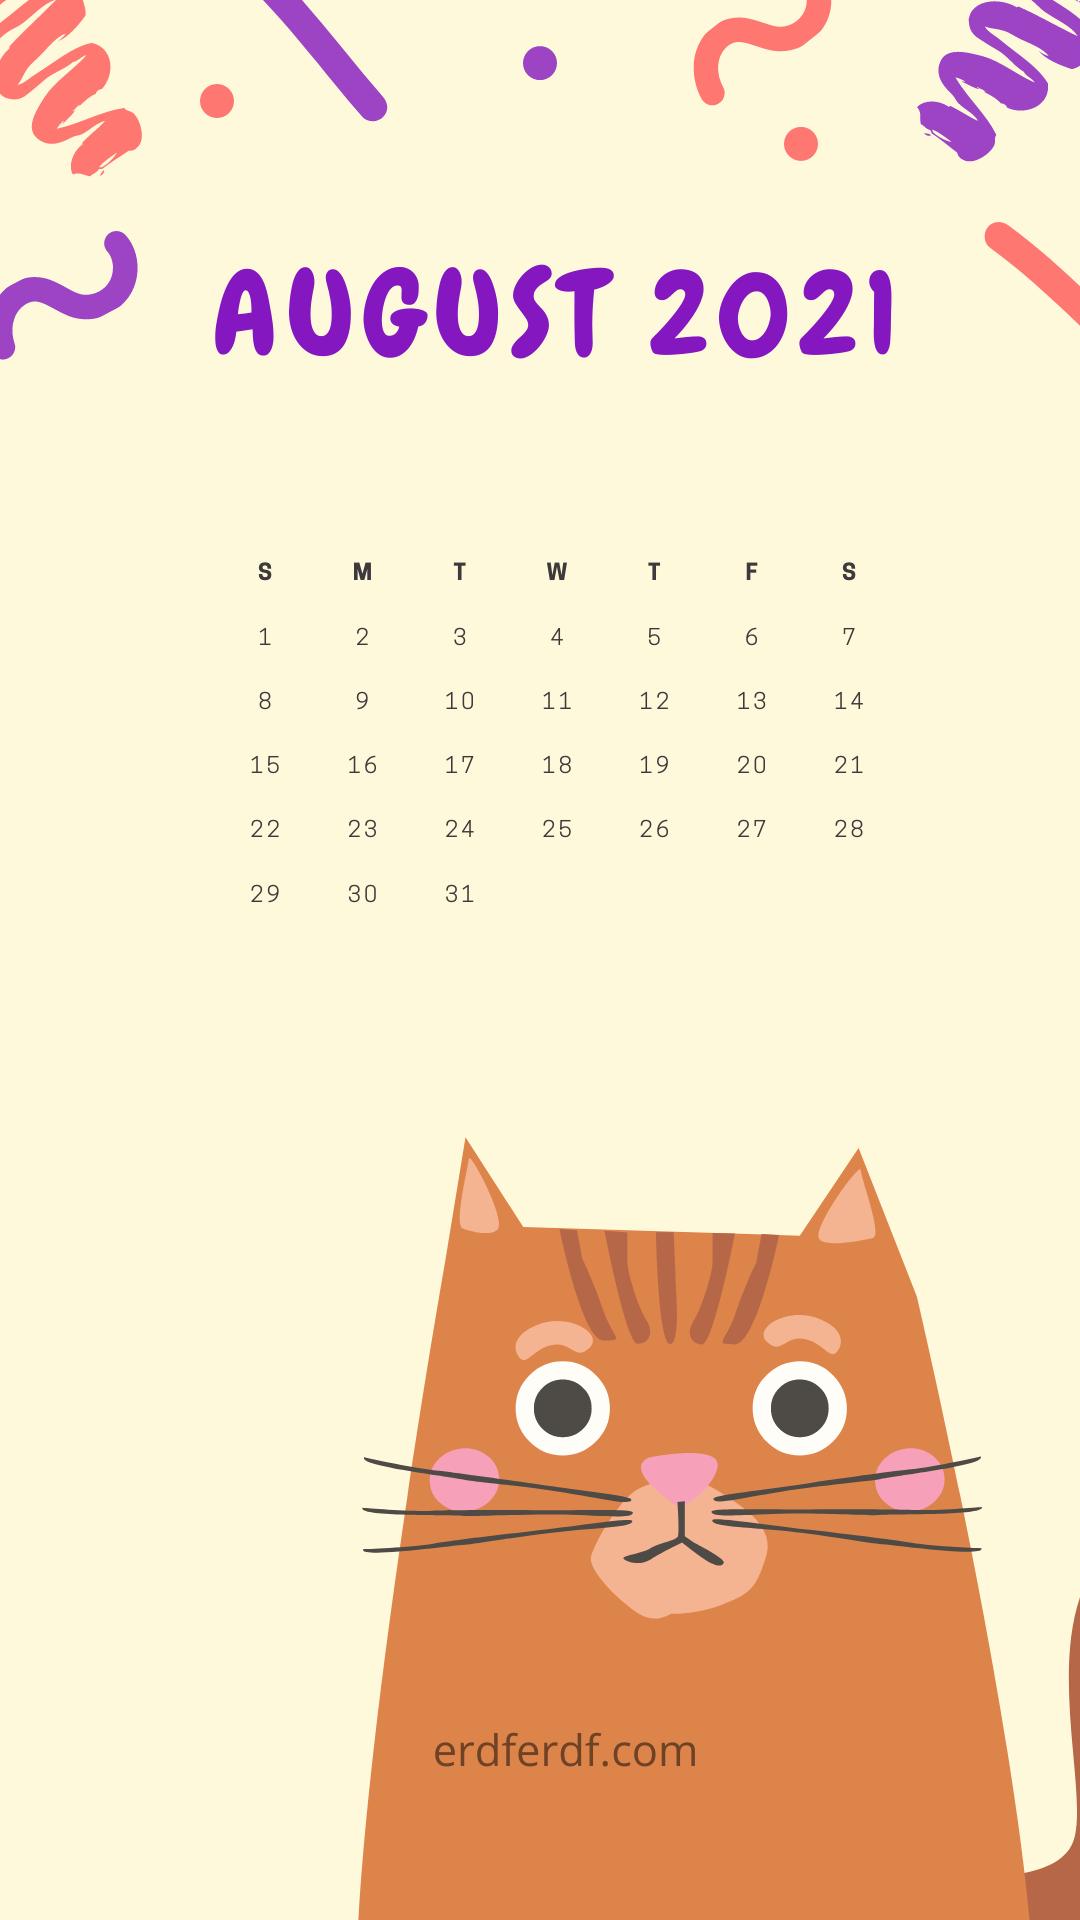 August 2021 Callendar Wallpaper Iphone in 2021 1080x1920